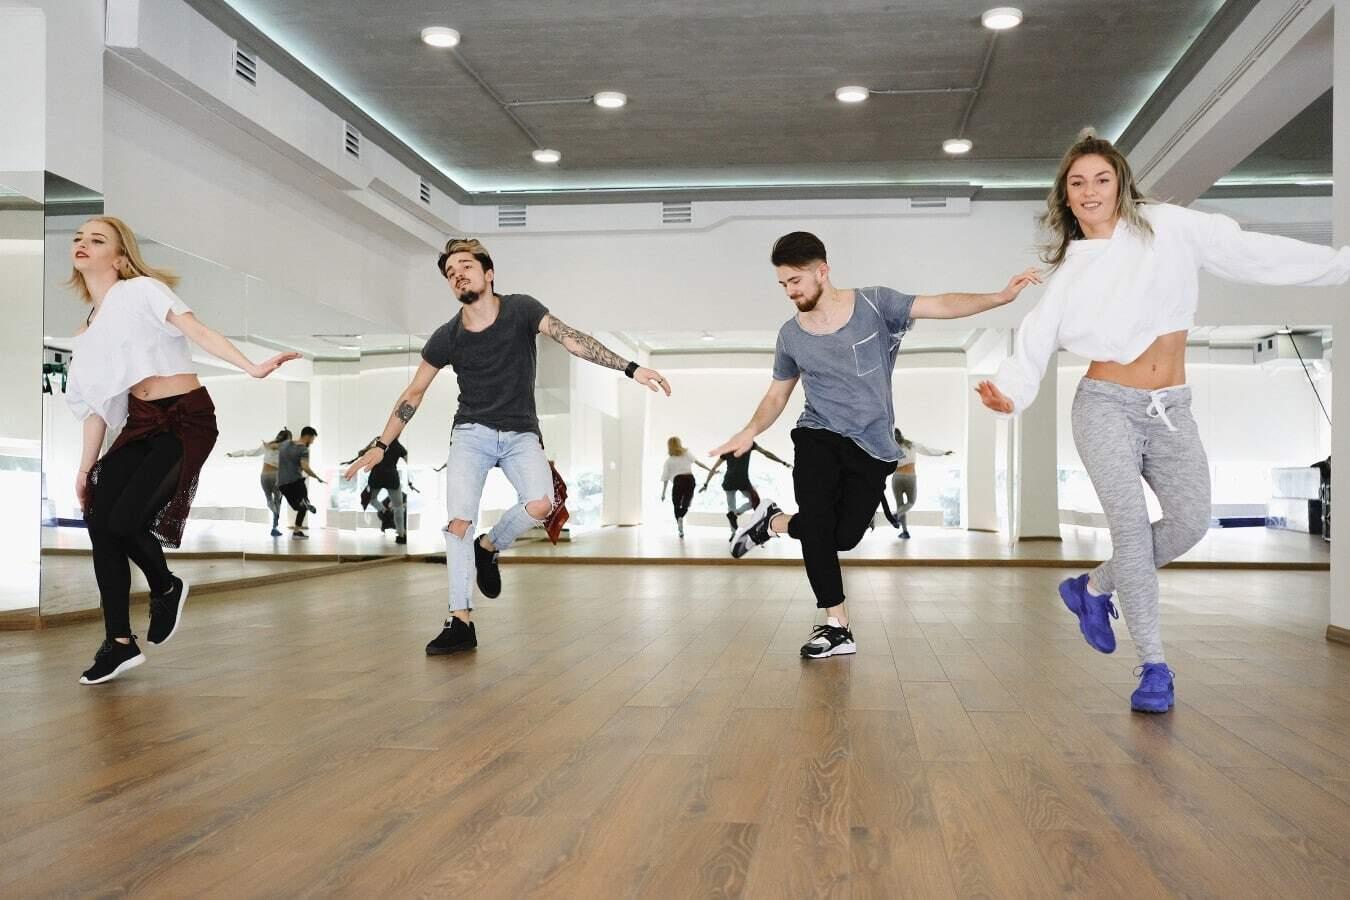 танец и когнитивные способности